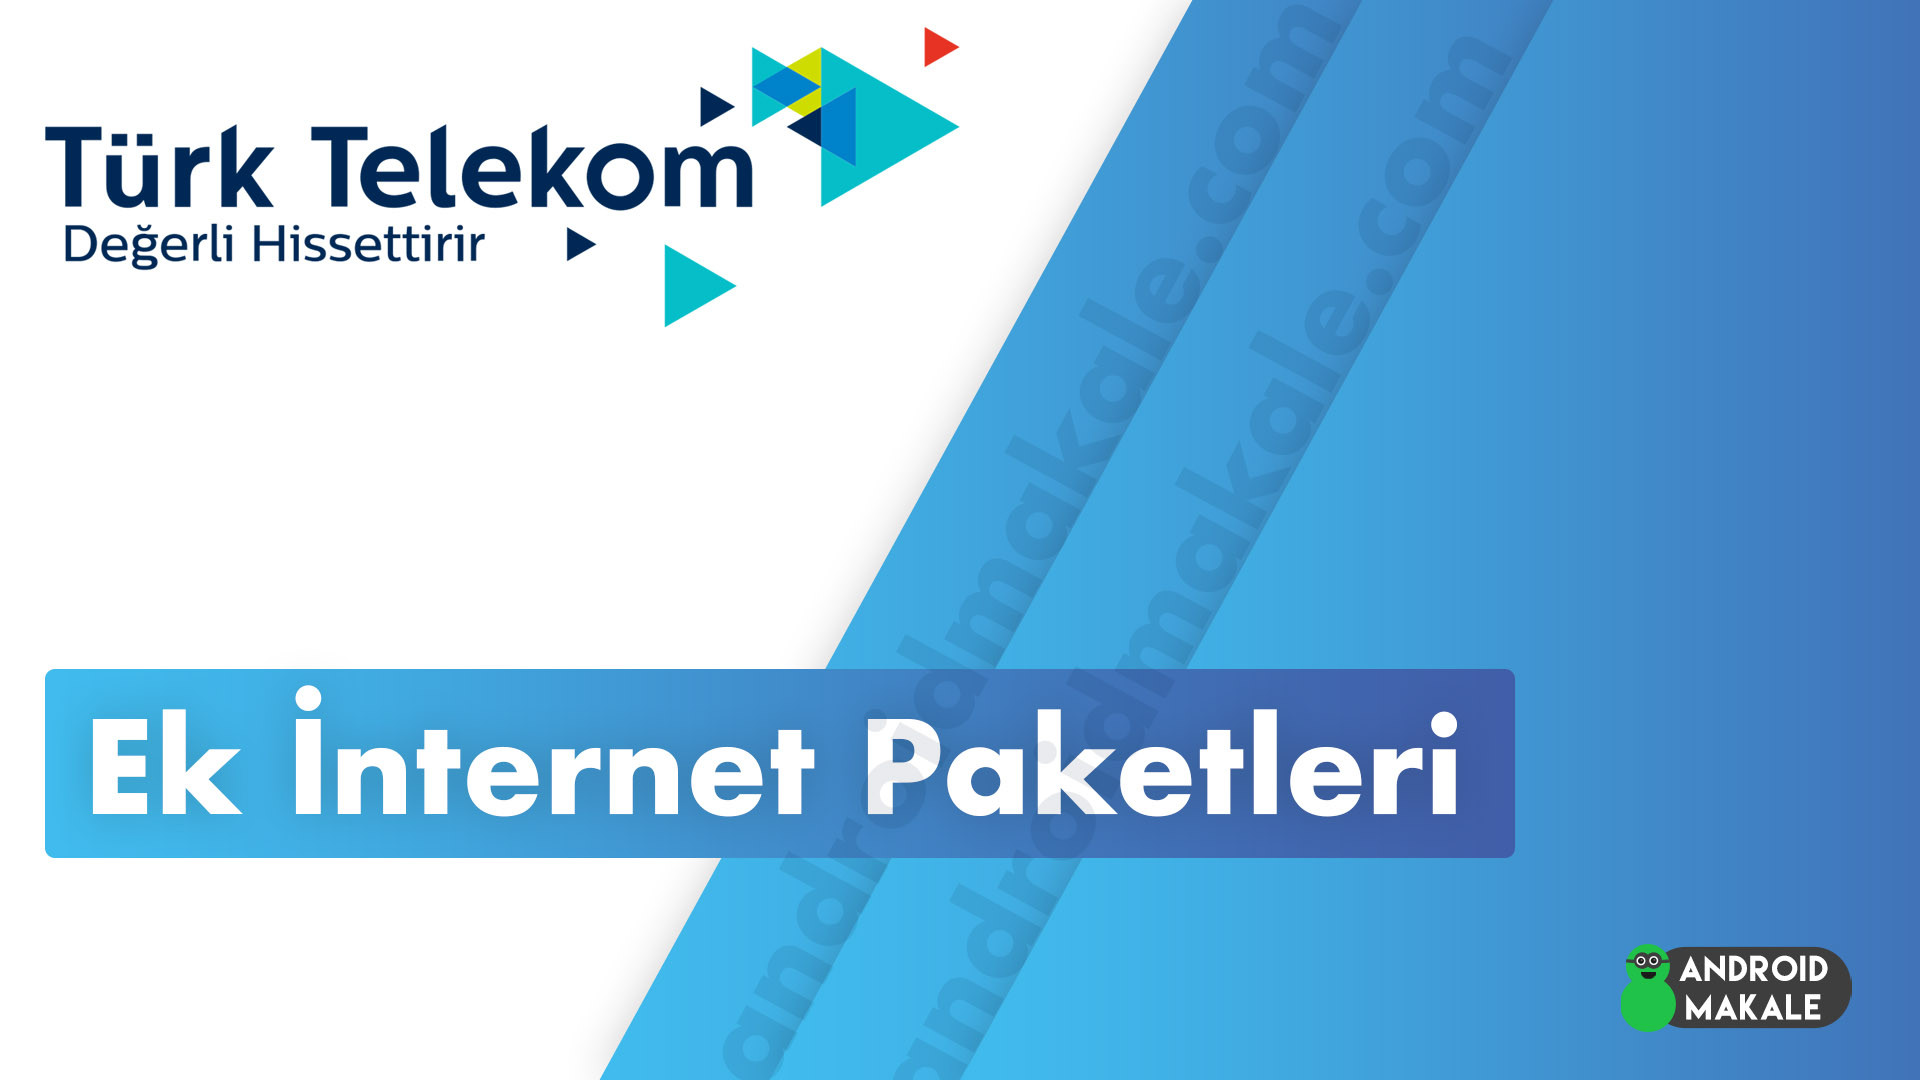 Türk Telekom Pakete Ek Haftalık ve Günlük İnternet Paketleri